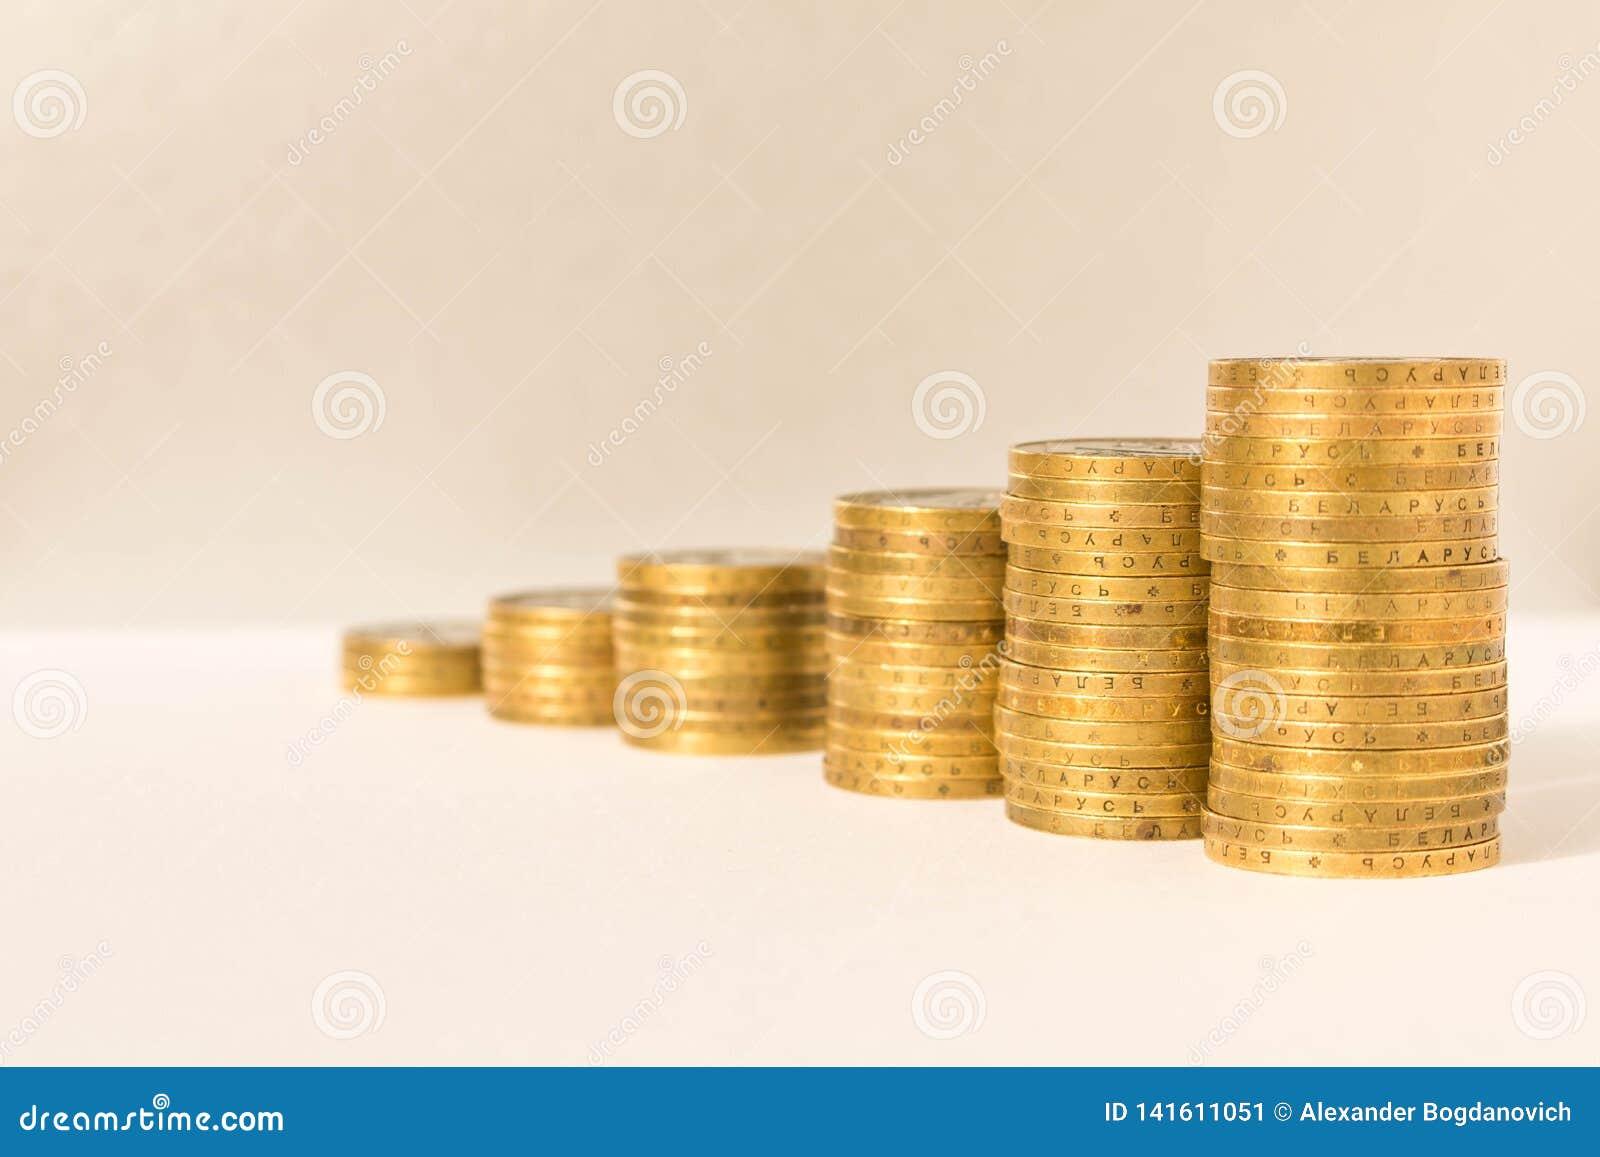 Stapels muntstukken op een lichte achtergrond Bedrijfsconcept en de groei van kapitaal